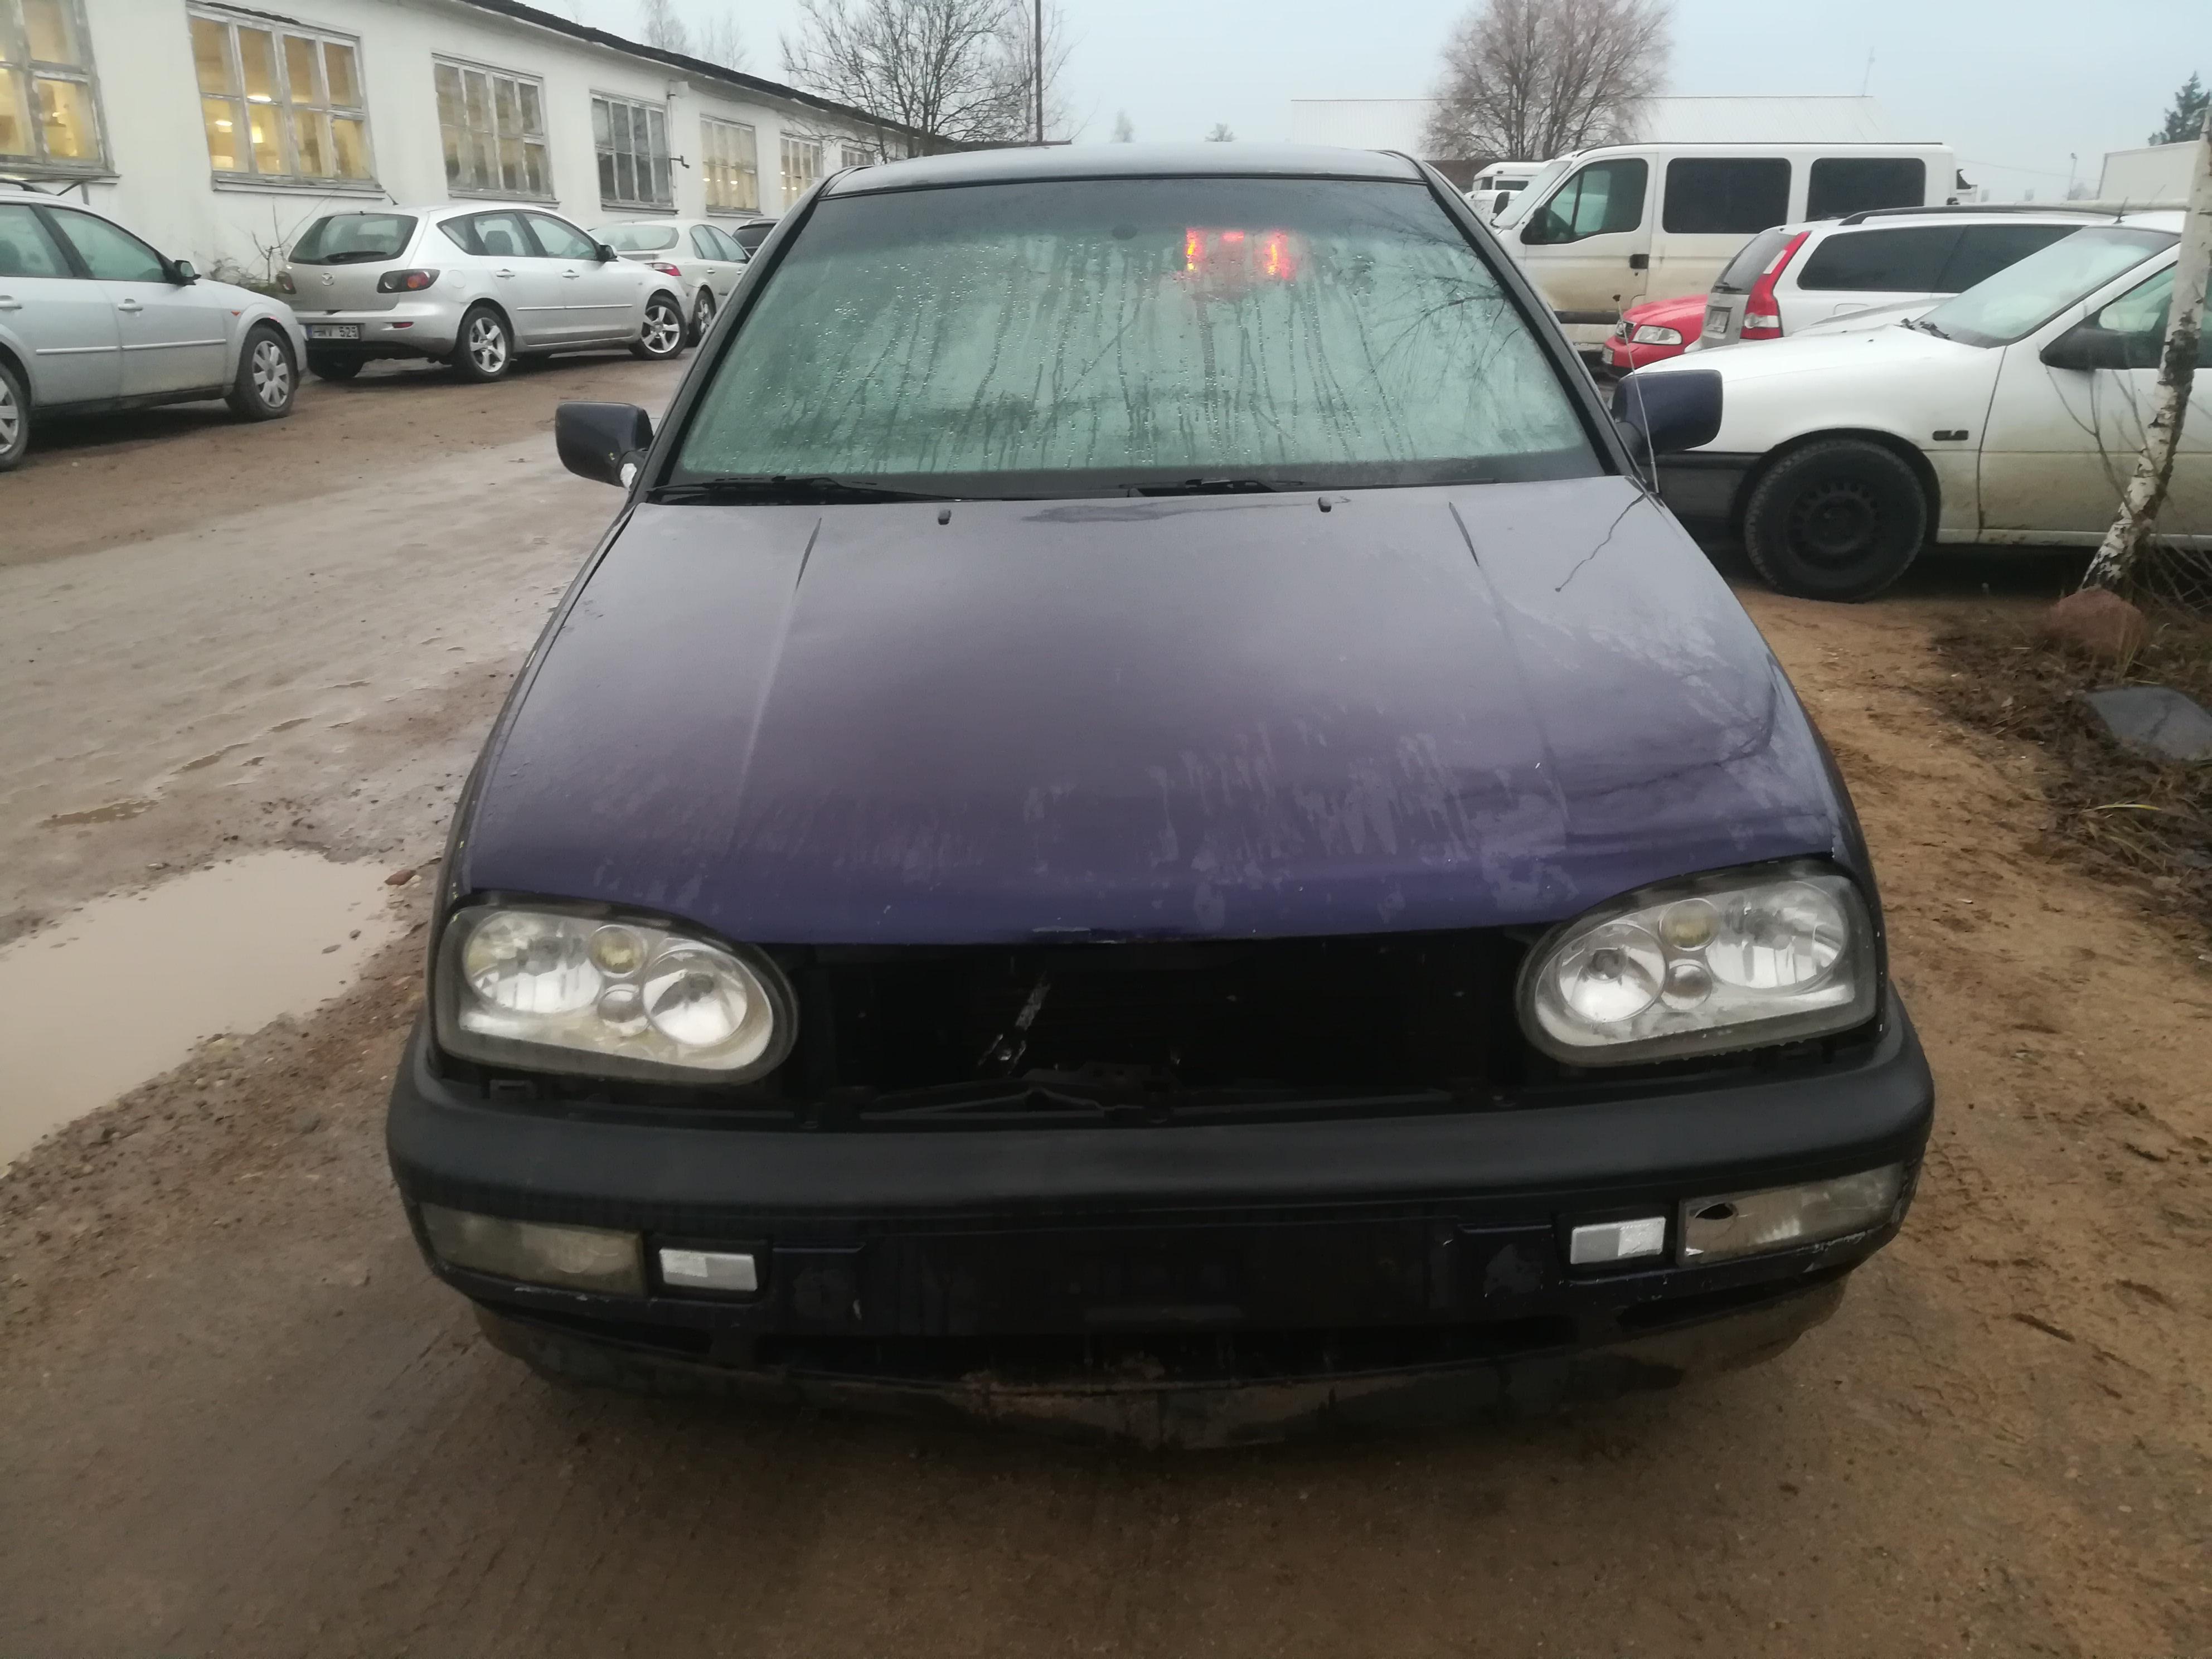 Used Car Parts Volkswagen GOLF 1995 1.9 Mechanical Hatchback 4/5 d. Blue 2019-12-05